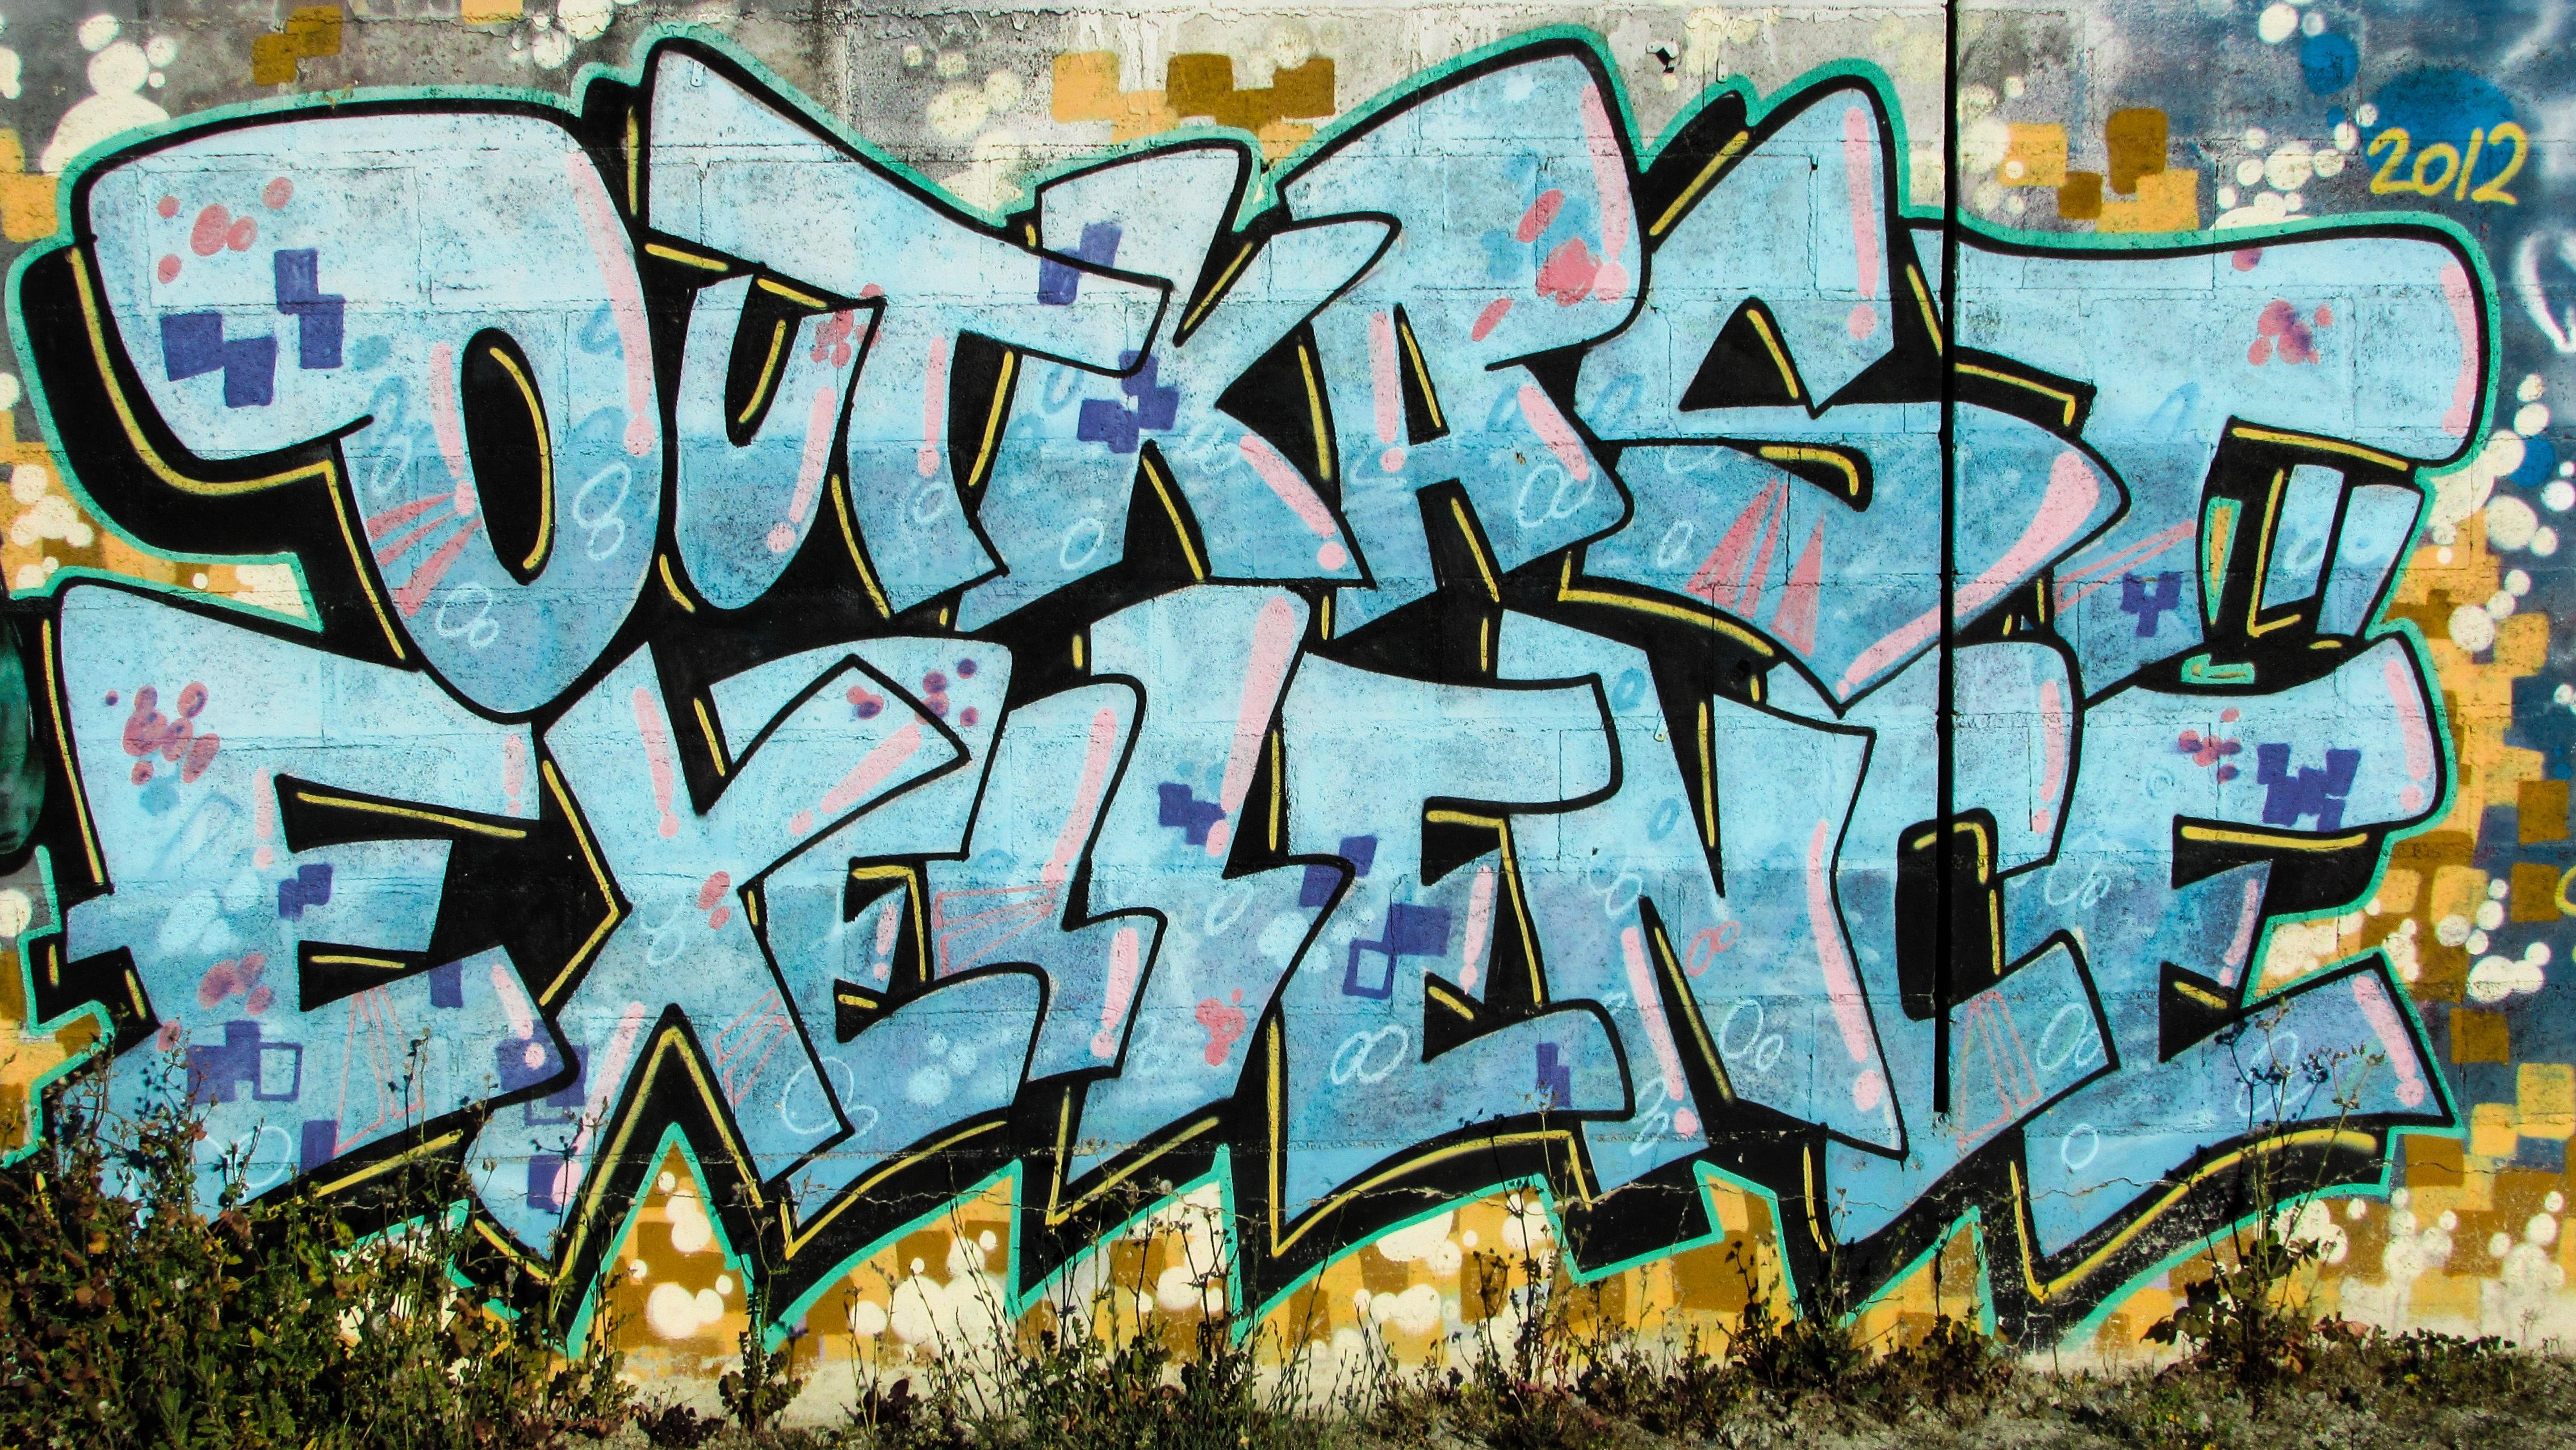 Fotoğraf Genç Grunge Renkli Yaşam Tarzı Duvar Yazısı Boyama